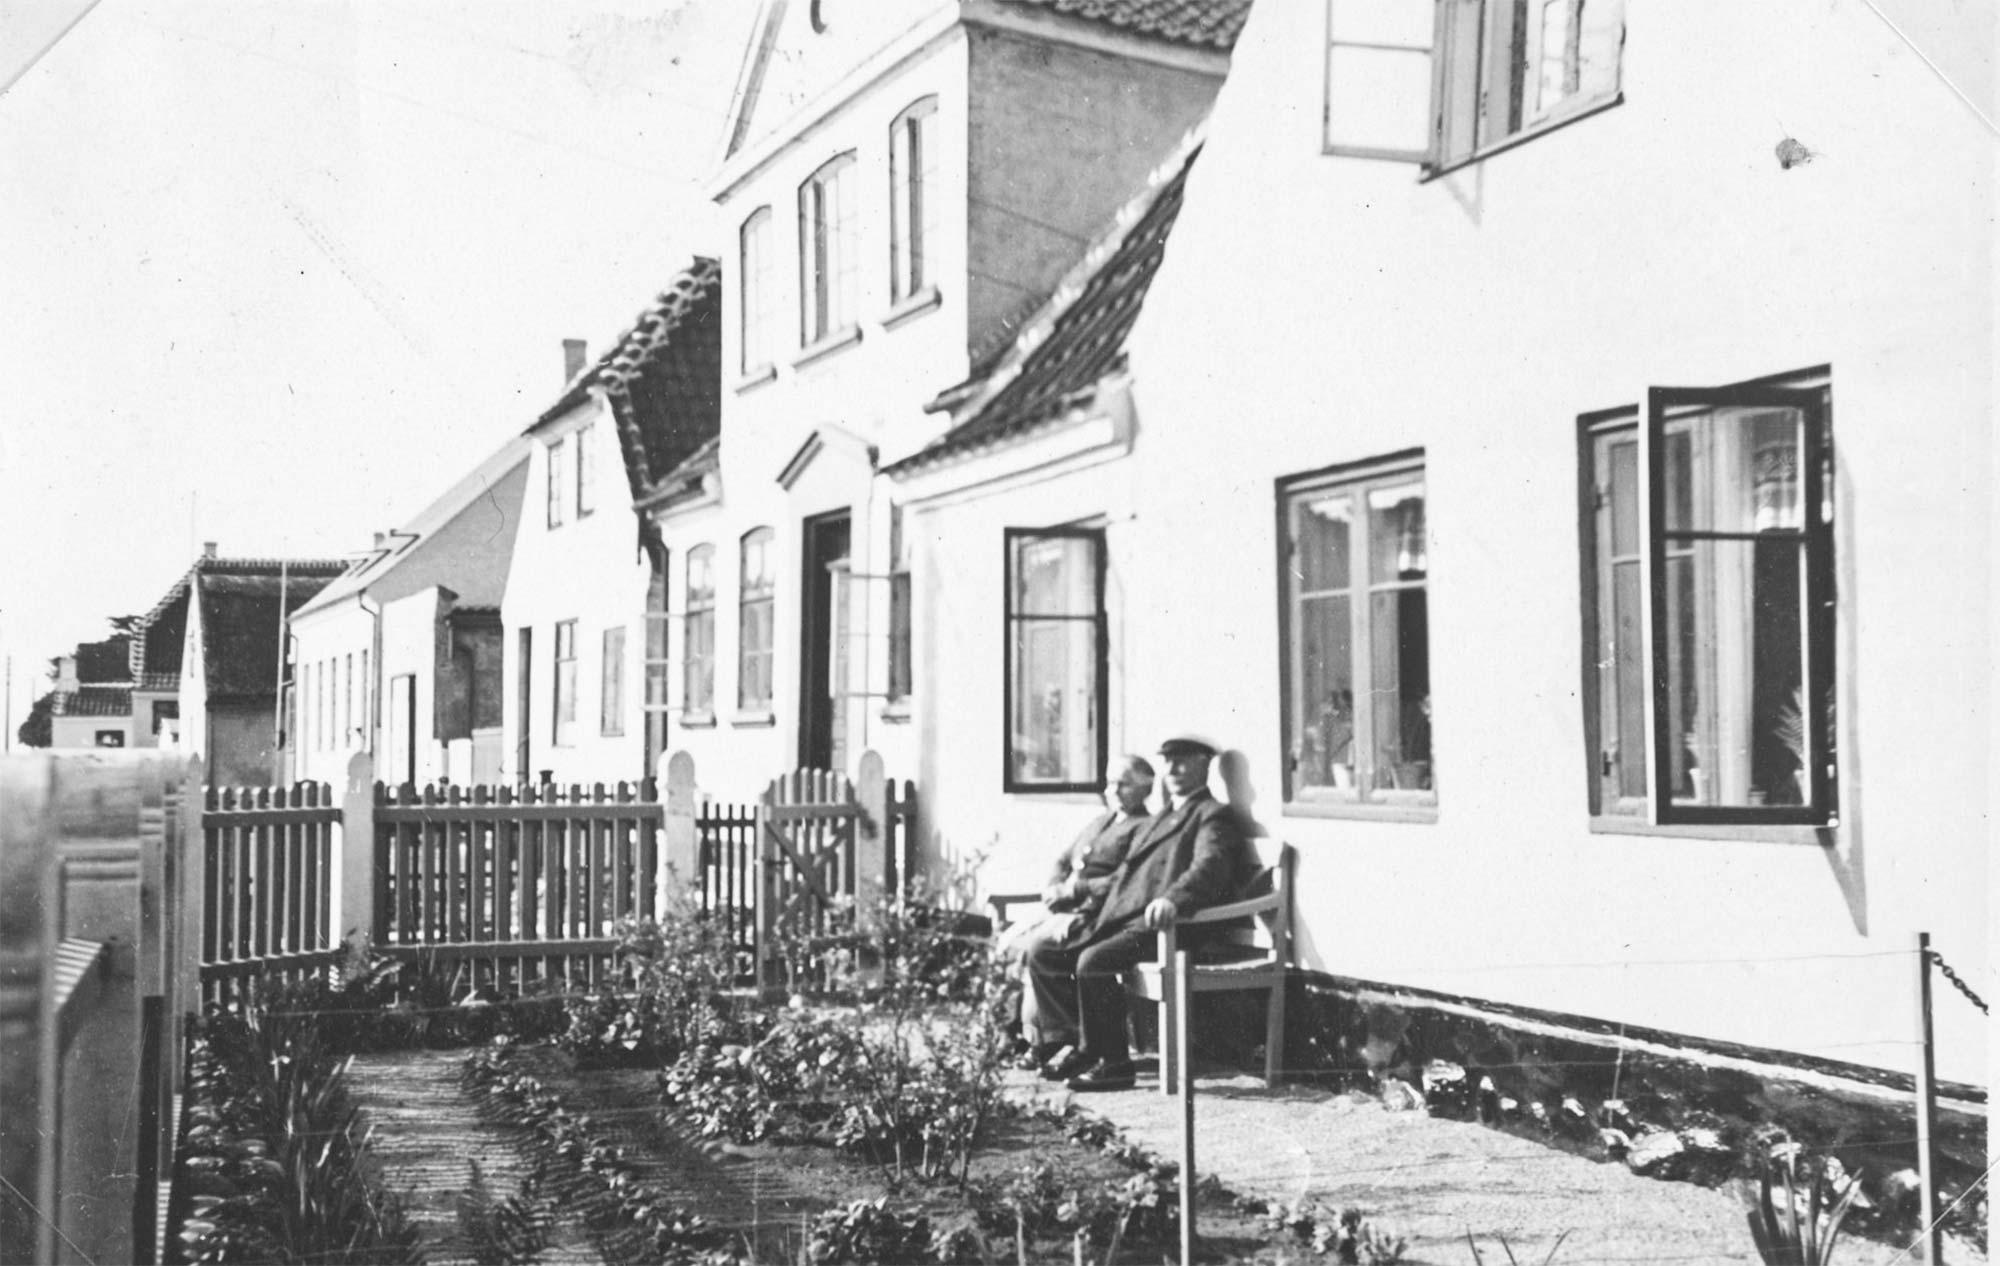 Emma og Jens Andersen i Kampensgade 4. De ses i forhaven ud til Strandlinien. 1935. Foto: Historisk Arkiv Dragør.